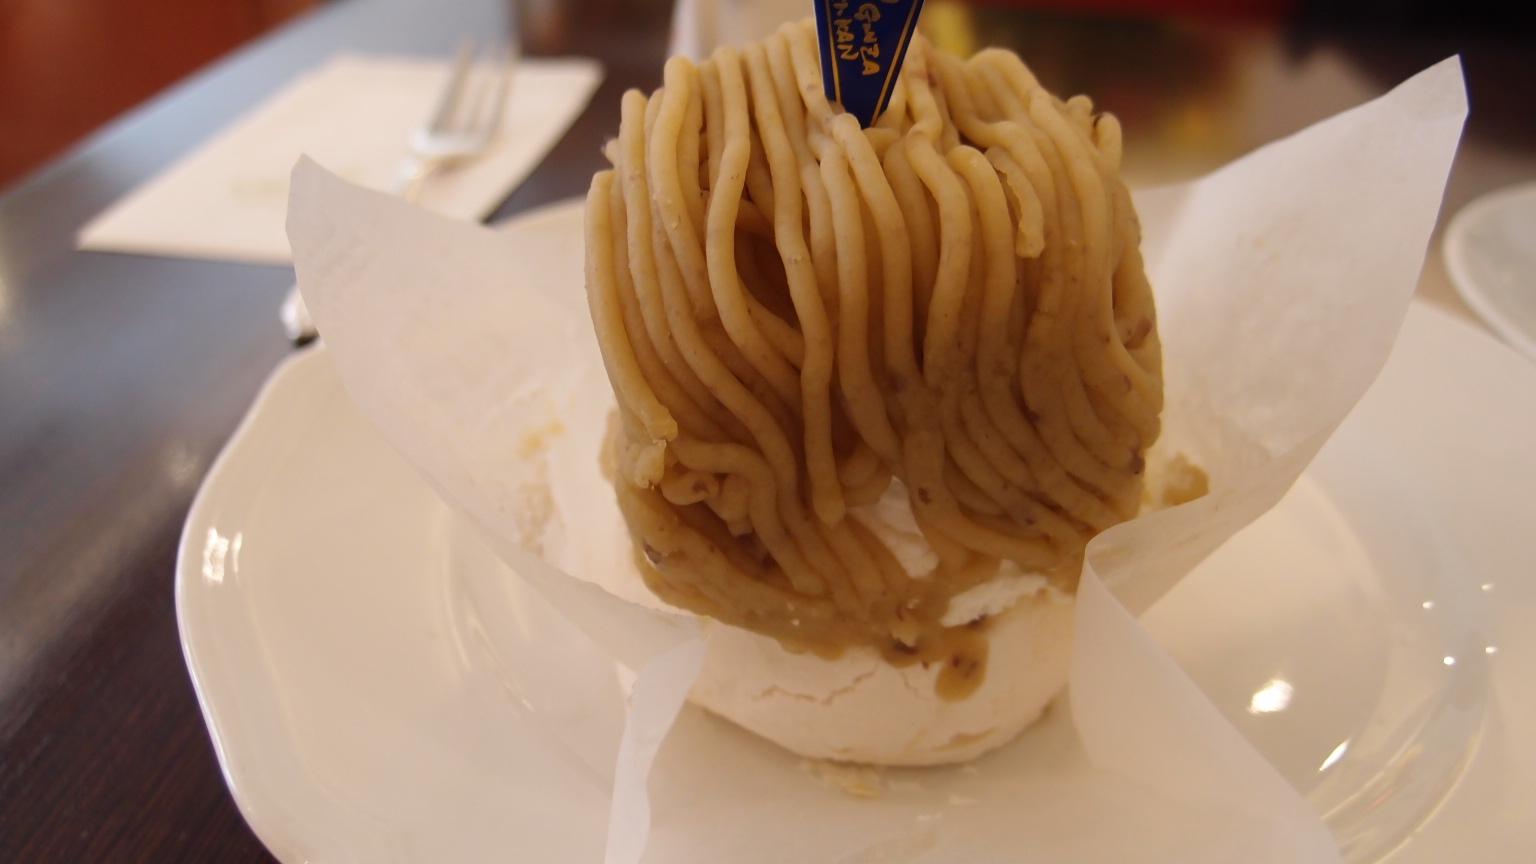 銀座 みゆき館本店(CAFE de GINZA MIYUKI-KAN) モンブラン